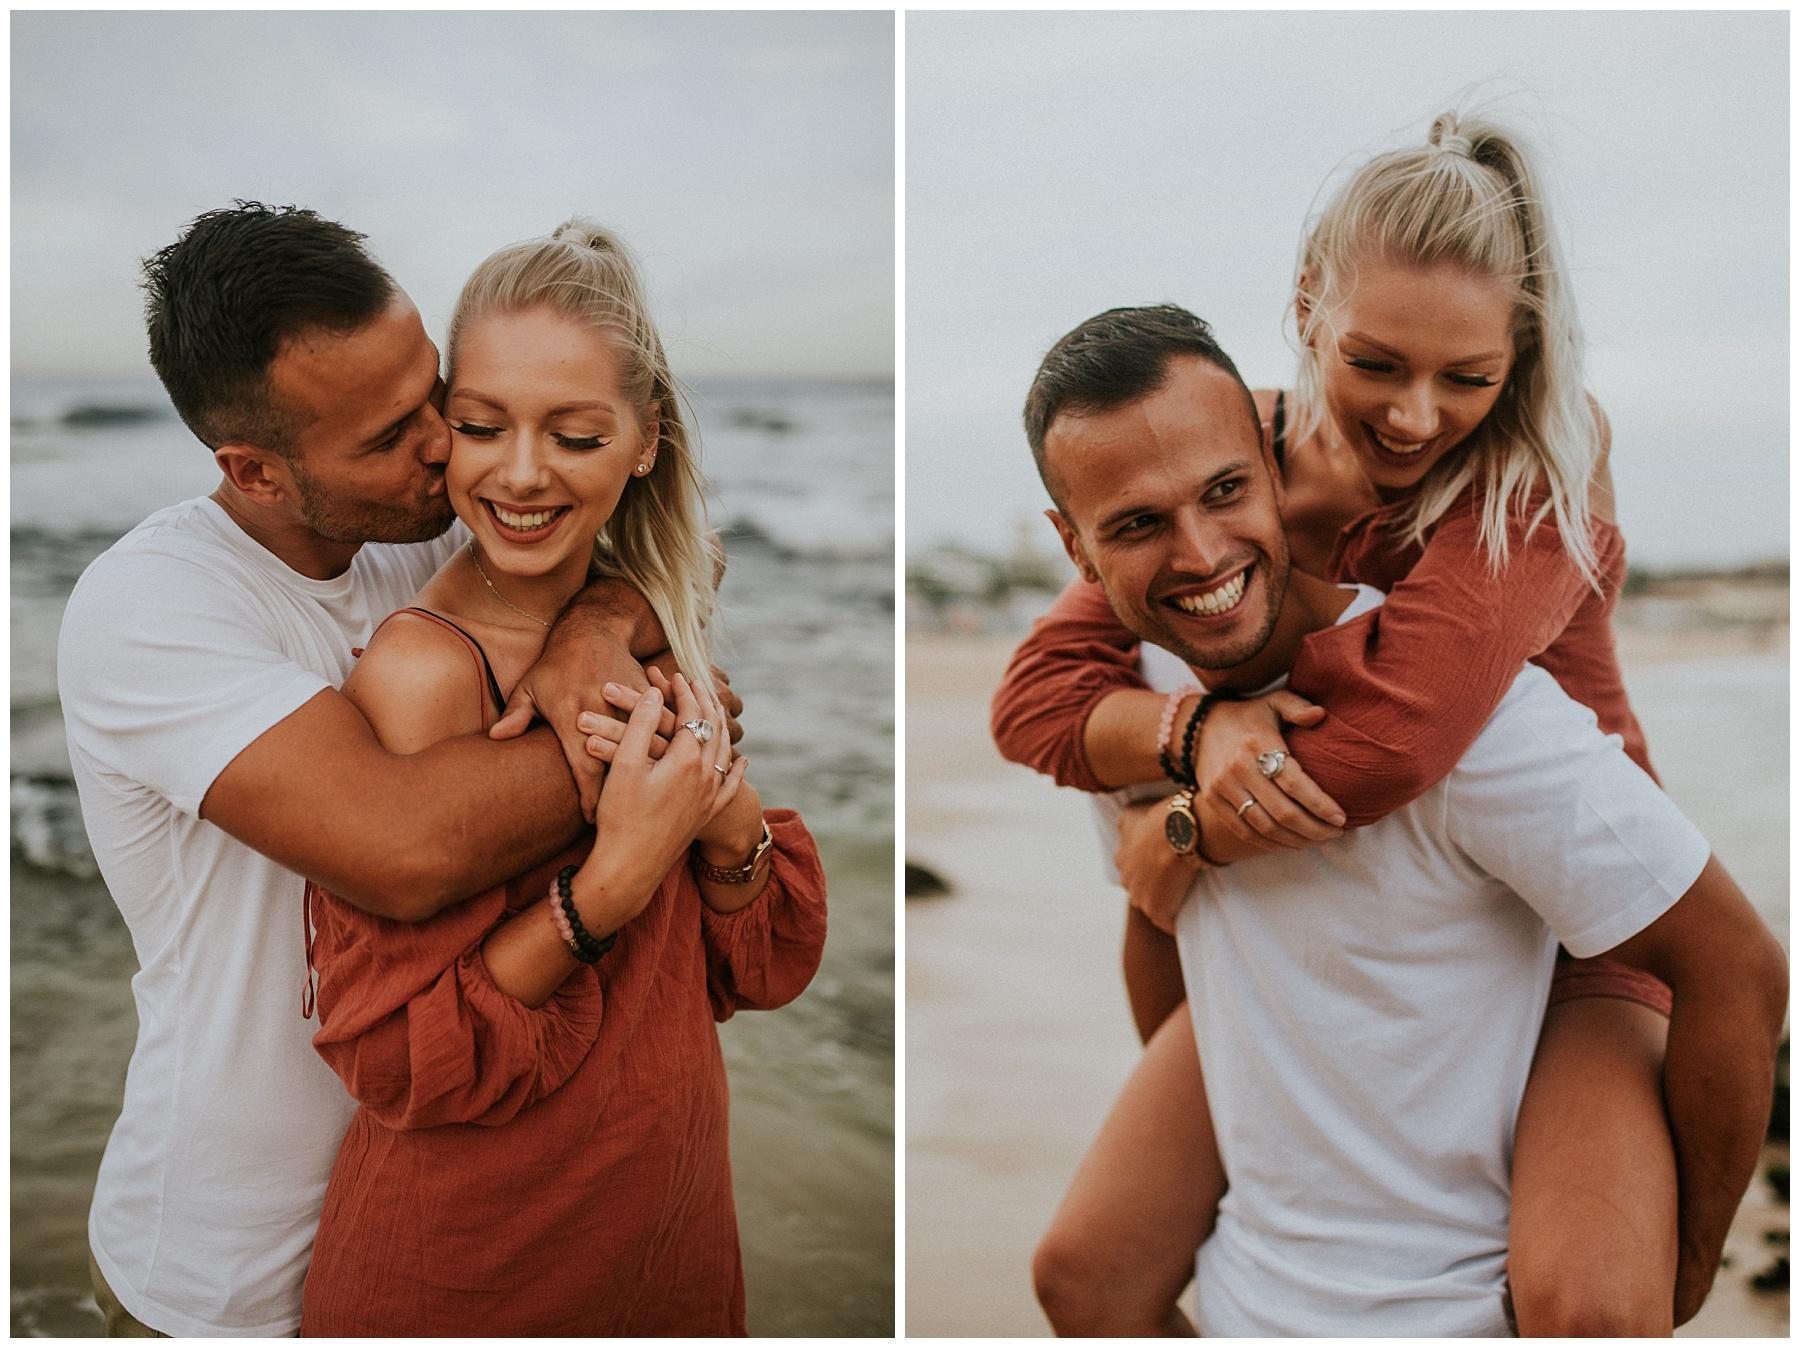 Chris-Hannahs-Couple-Shoot-Bondi-Beach-53.jpg